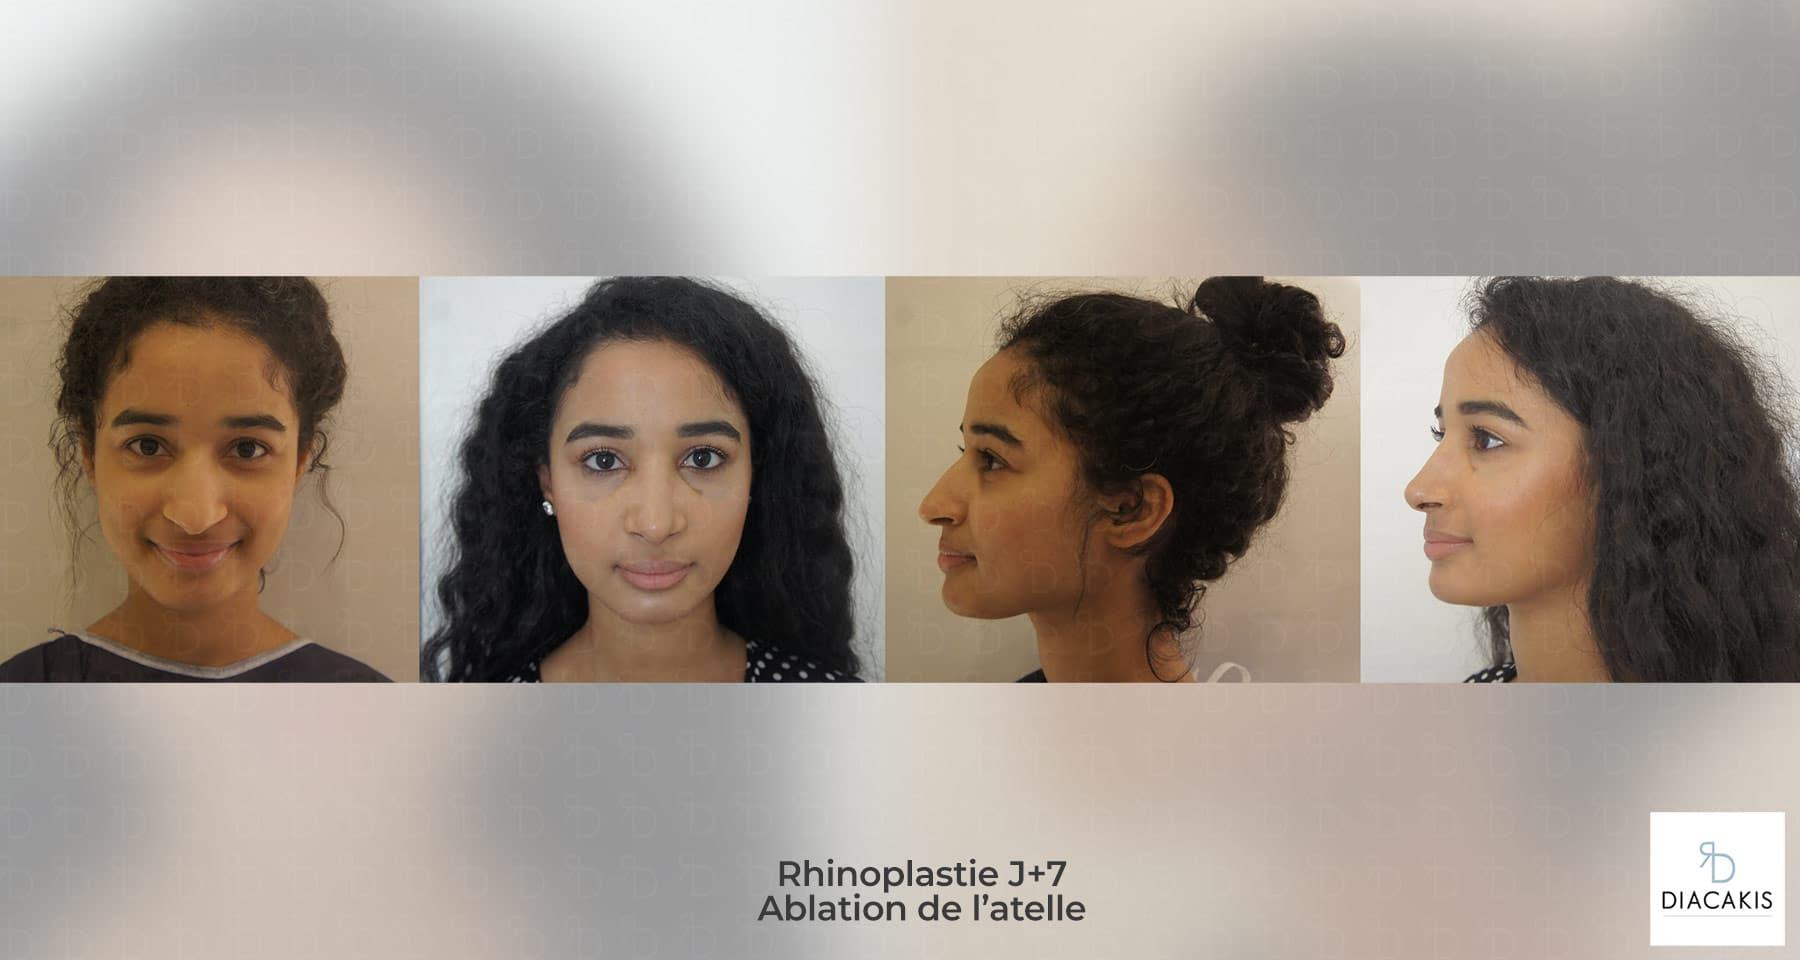 rhinoplastie-ablation-atelle-7-joursparis-chirurgie-esthetique-nez-paris-docteur-diacakis-5